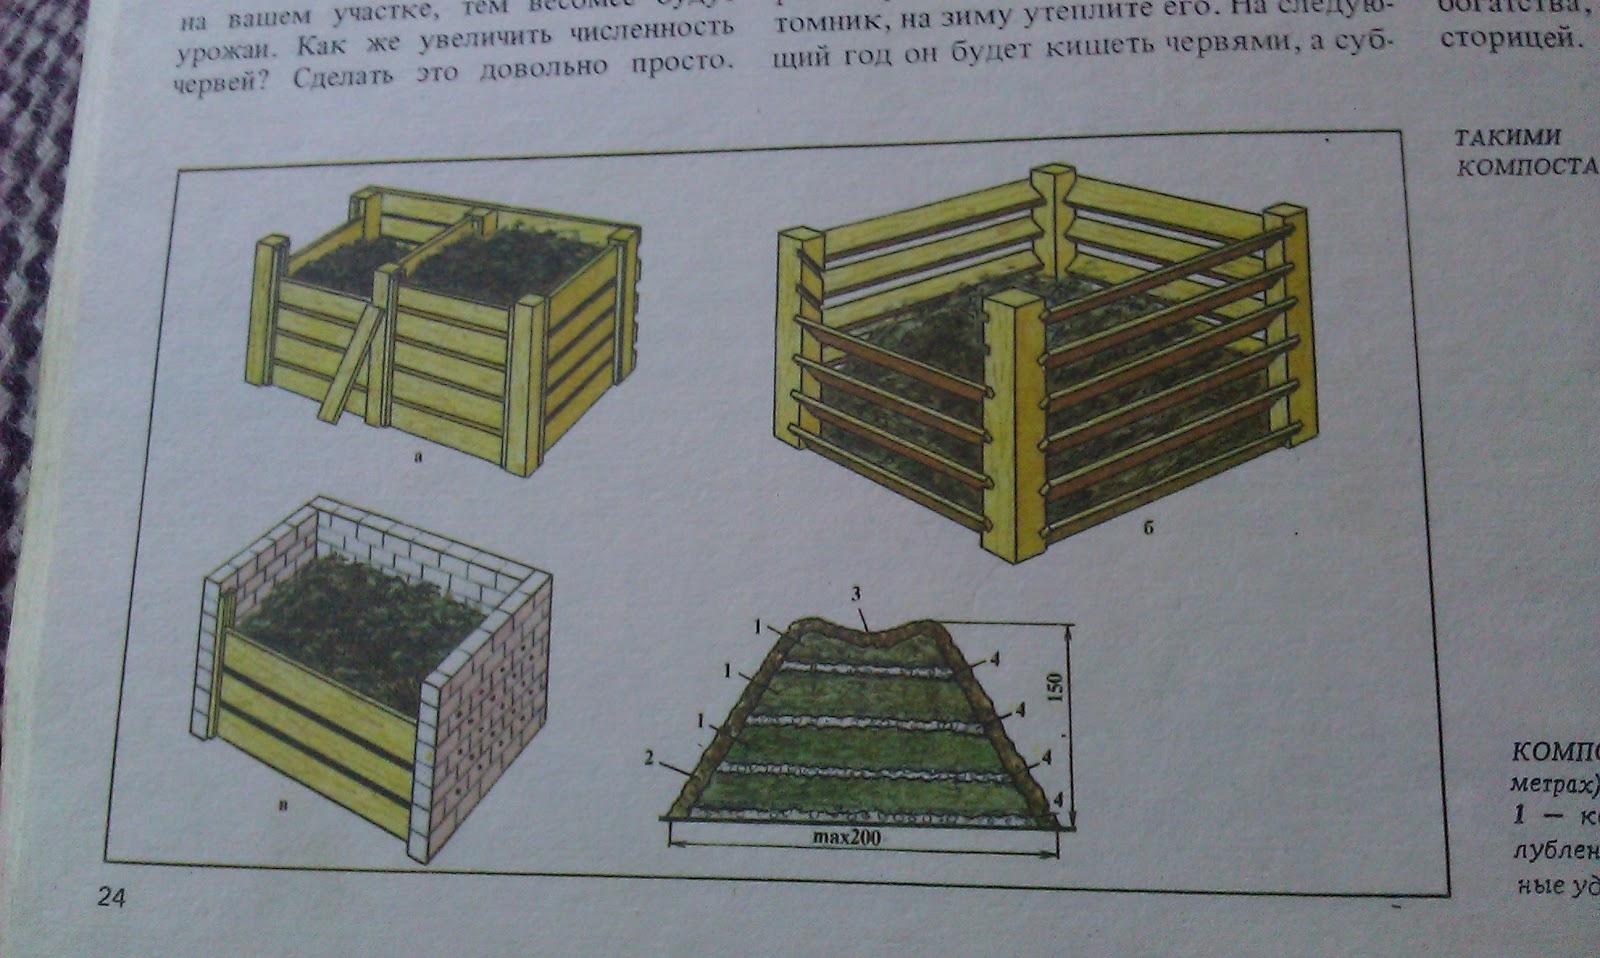 Компостная яма на даче своими руками чертежи